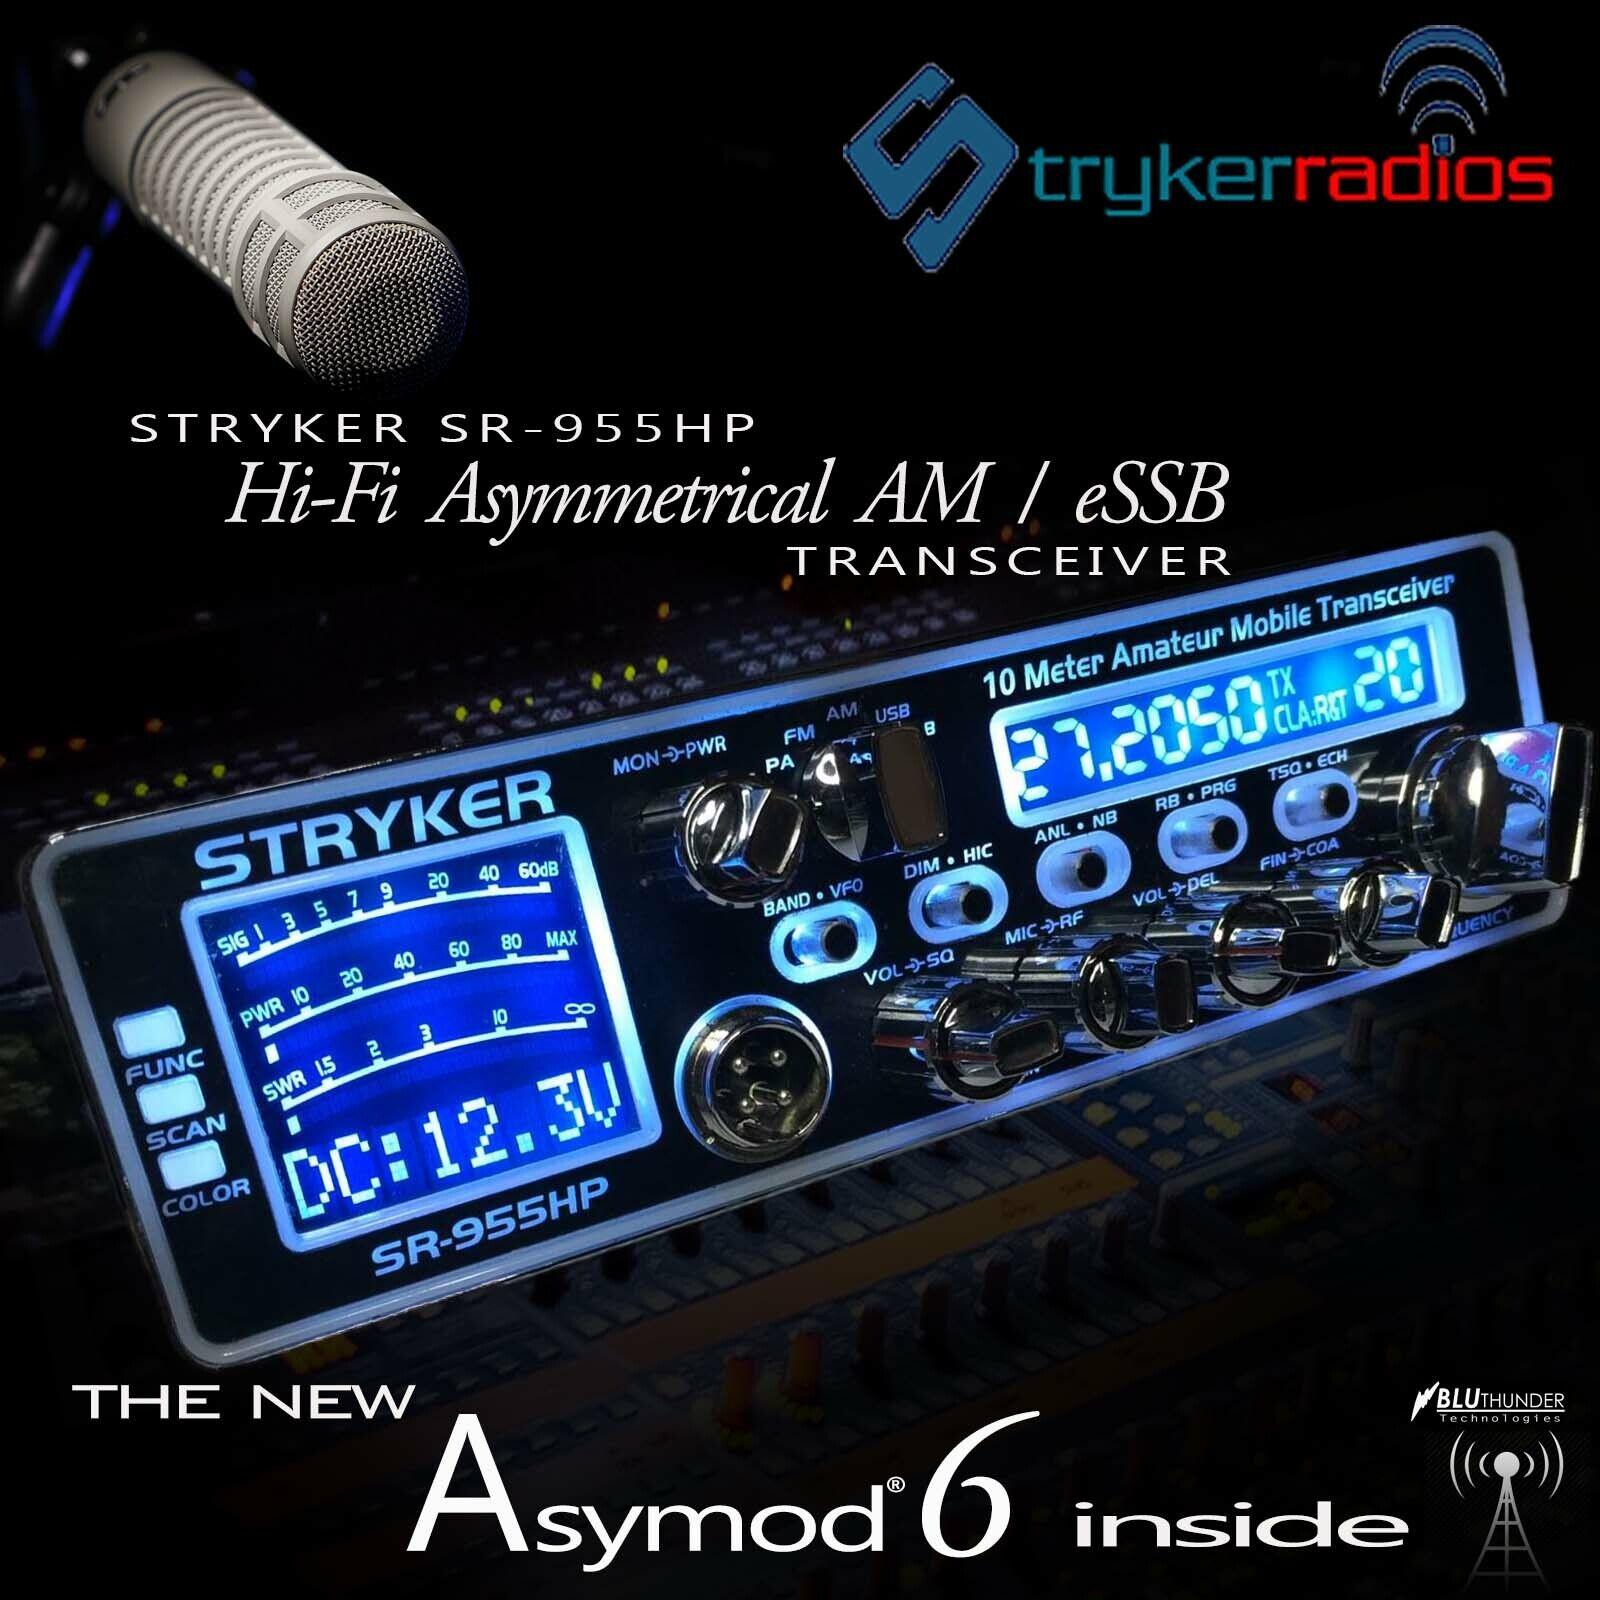 STRYKER SR-955HP & THE NEW ASYMOD 6 ASYMMETRICAL Hi-Fi AM MODULATOR + eSSB. Buy it now for 785.00